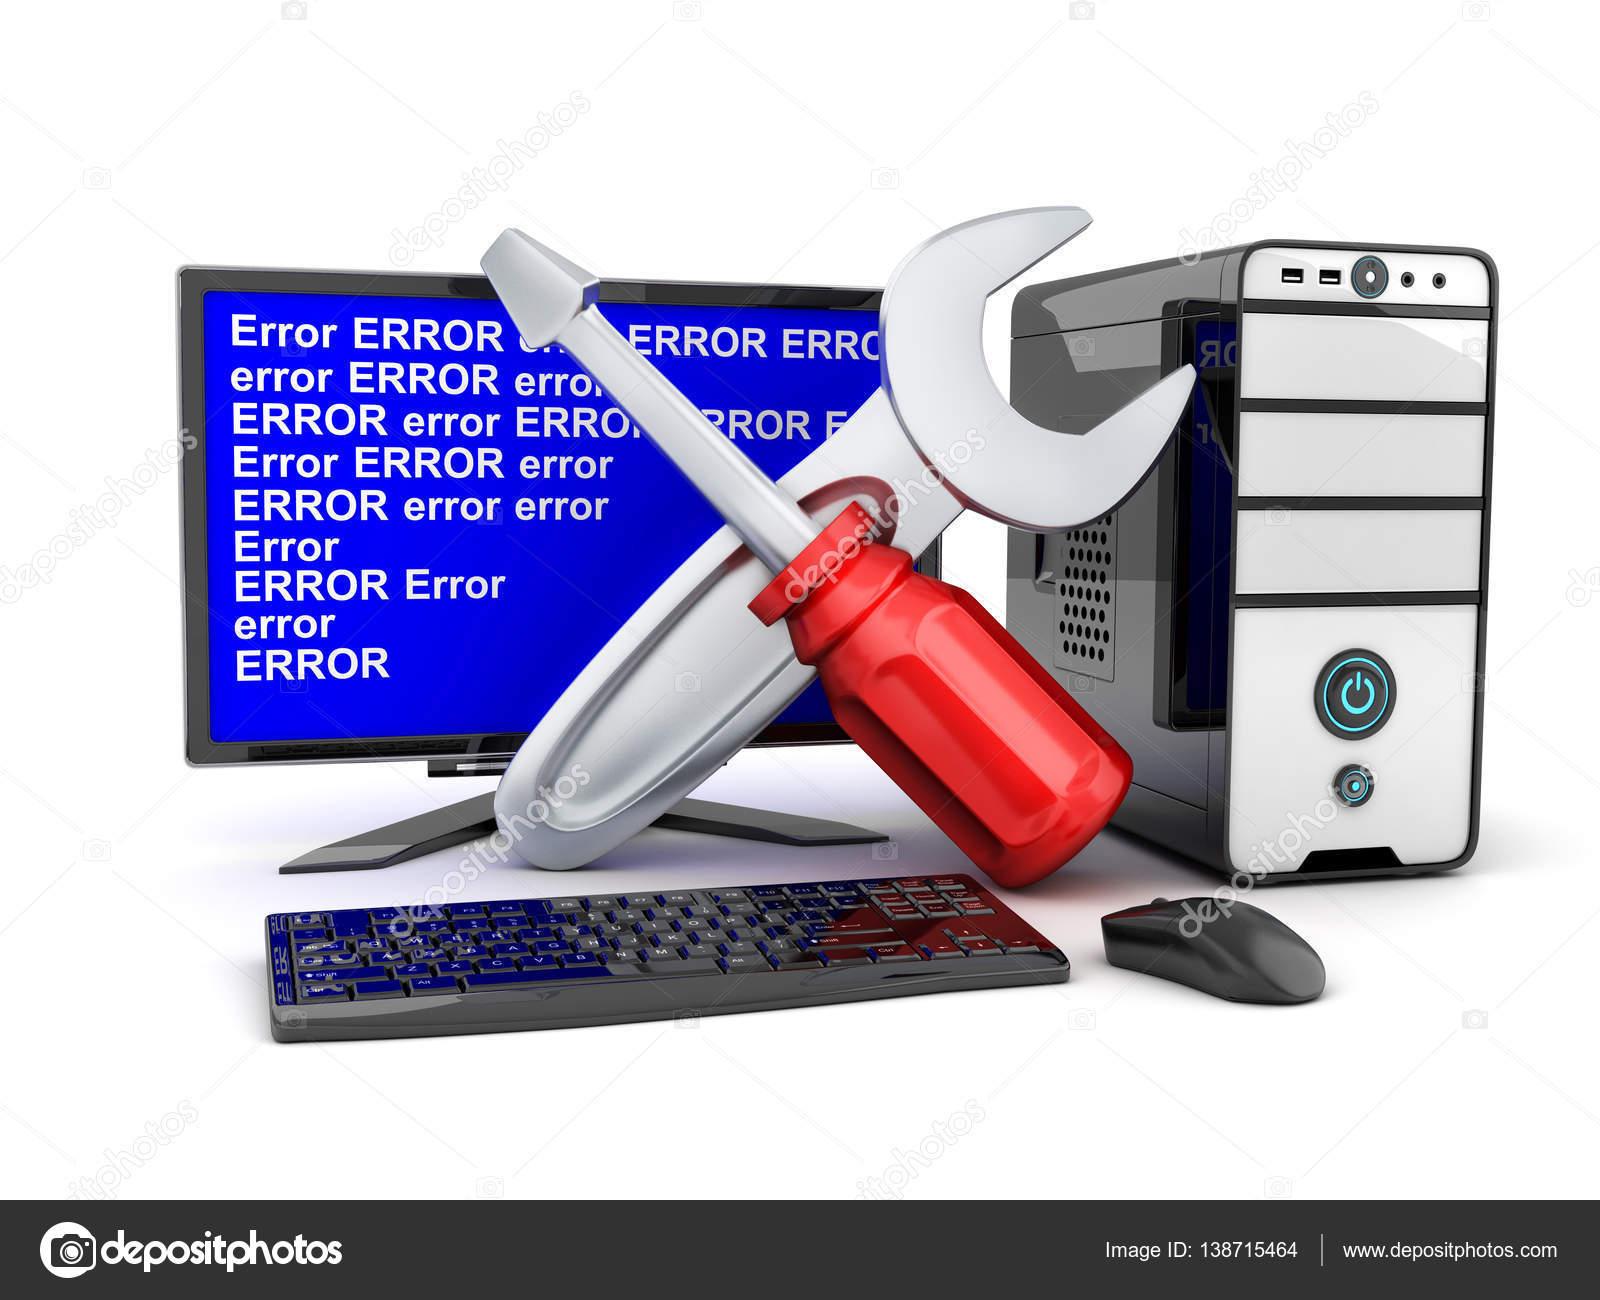 Quebrada símbolo de computadoras y reparación — Foto de stock ...